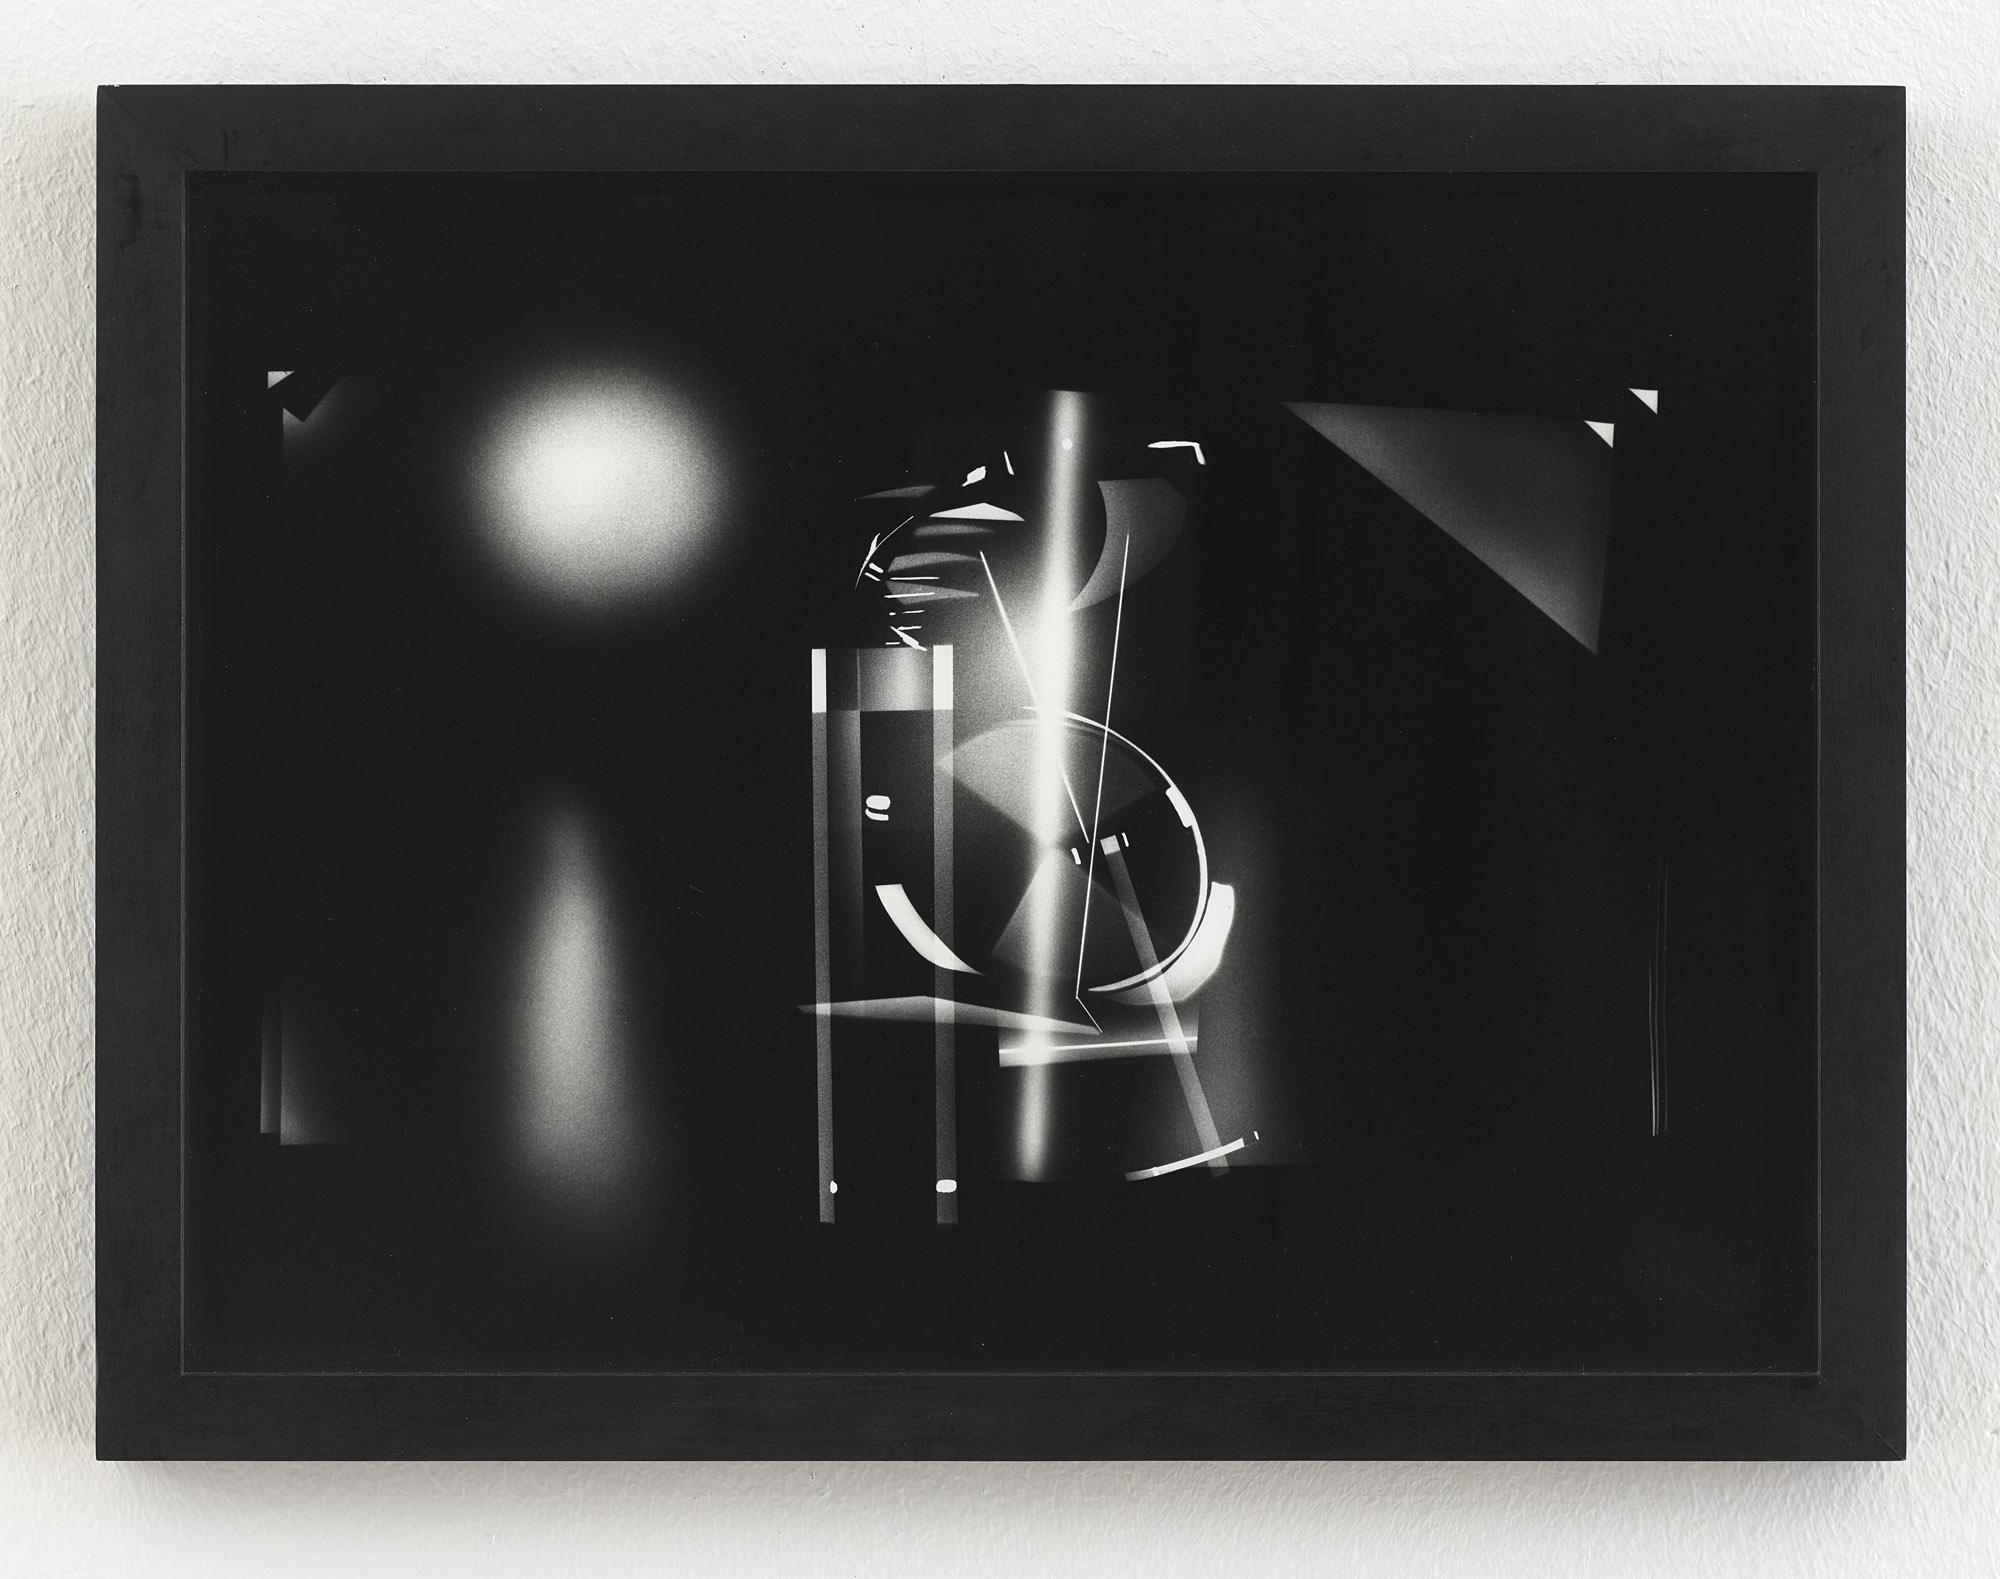 Properties | 1989 | Fotografie | 30 x 40 cm